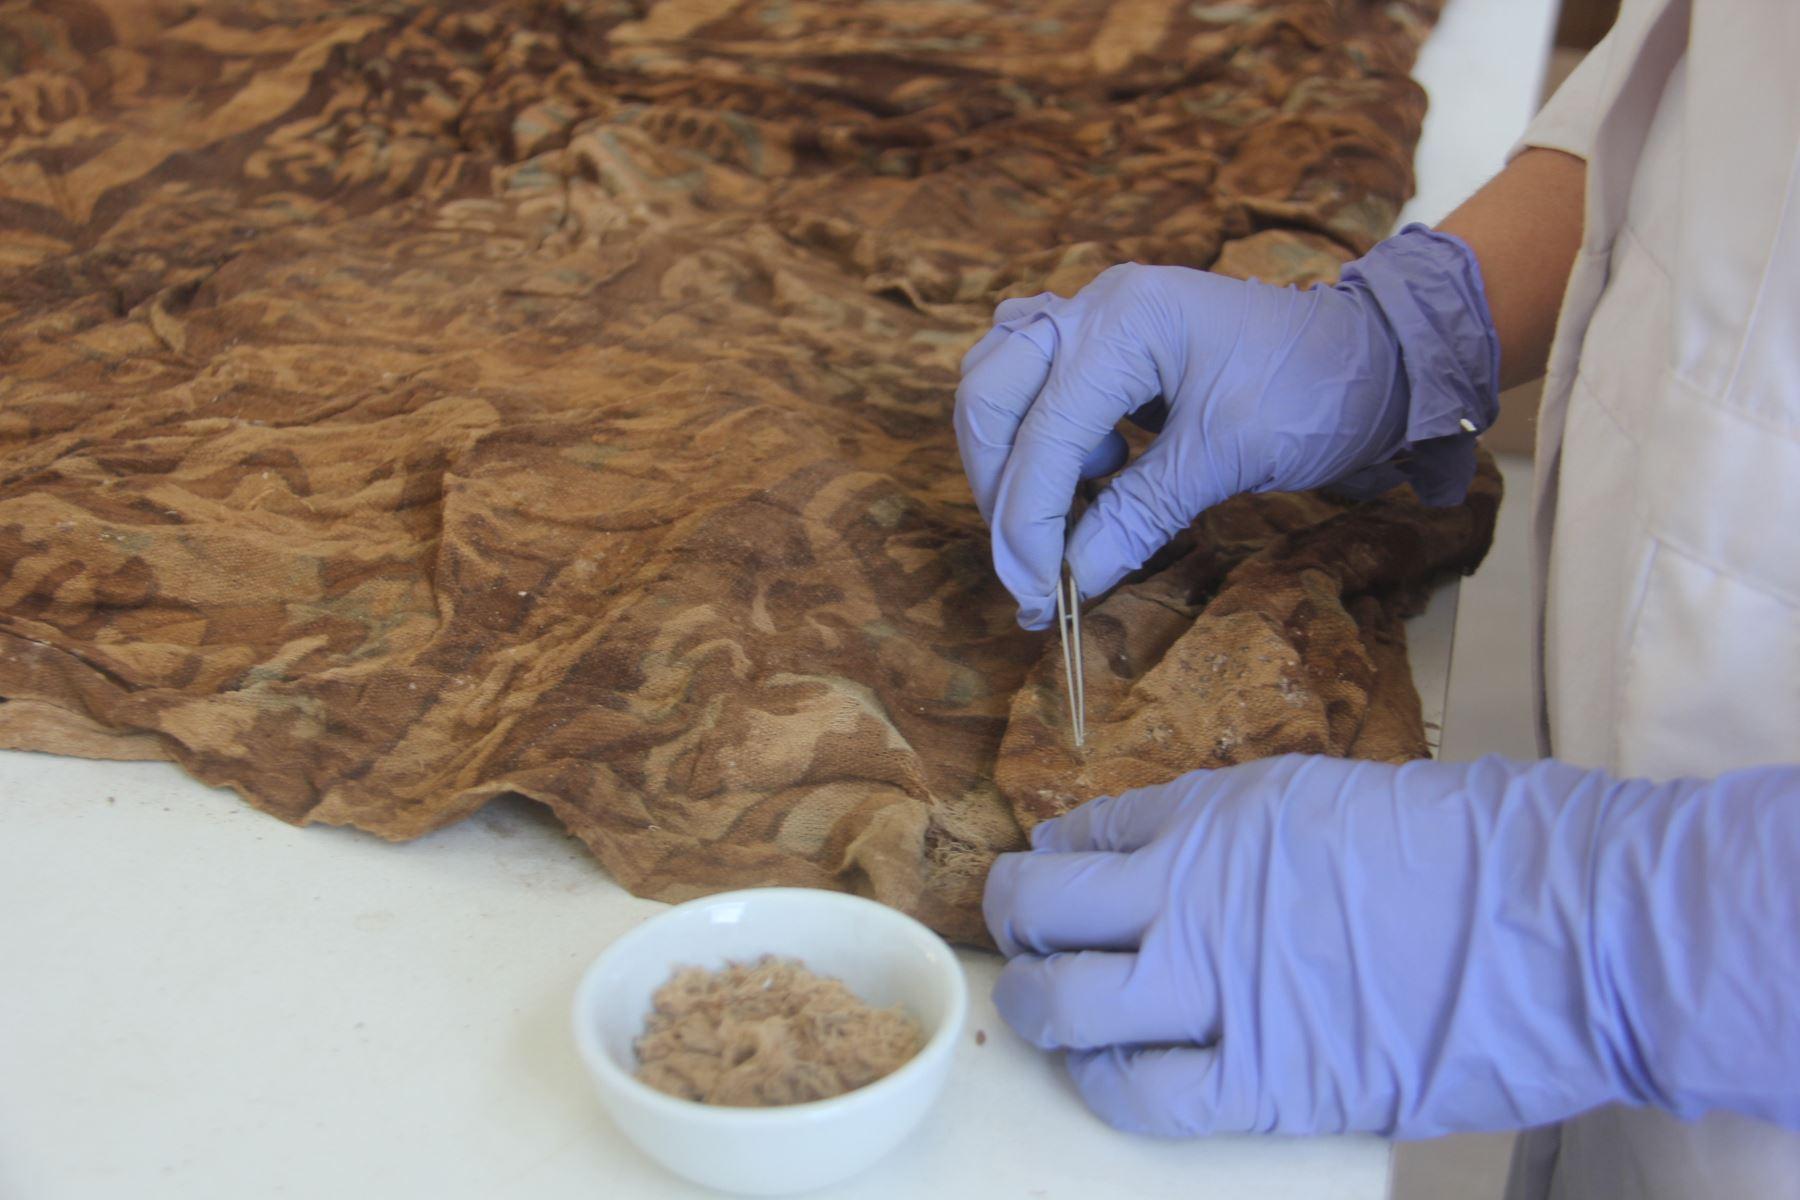 Telares de origen chimú fueron hallados junto a los contextos funerarios de niños sacrificados descubiertos en Huanchaco, Trujillo. ANDINA/Luis Puell